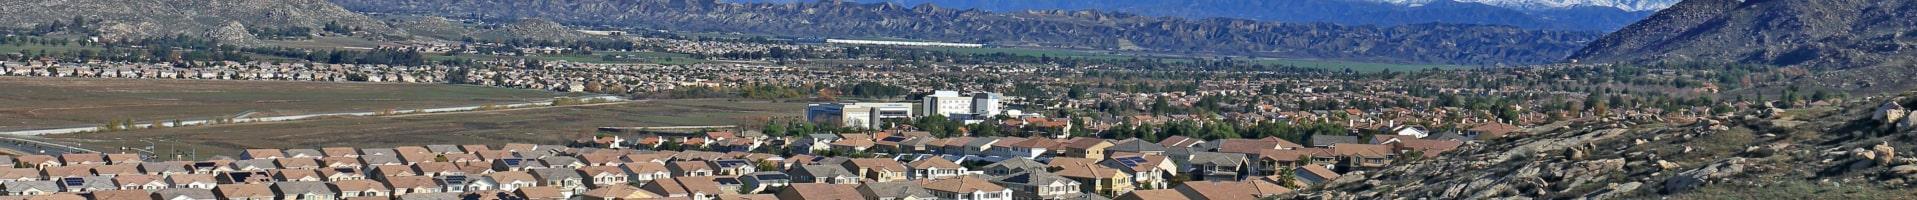 Moreno Valley